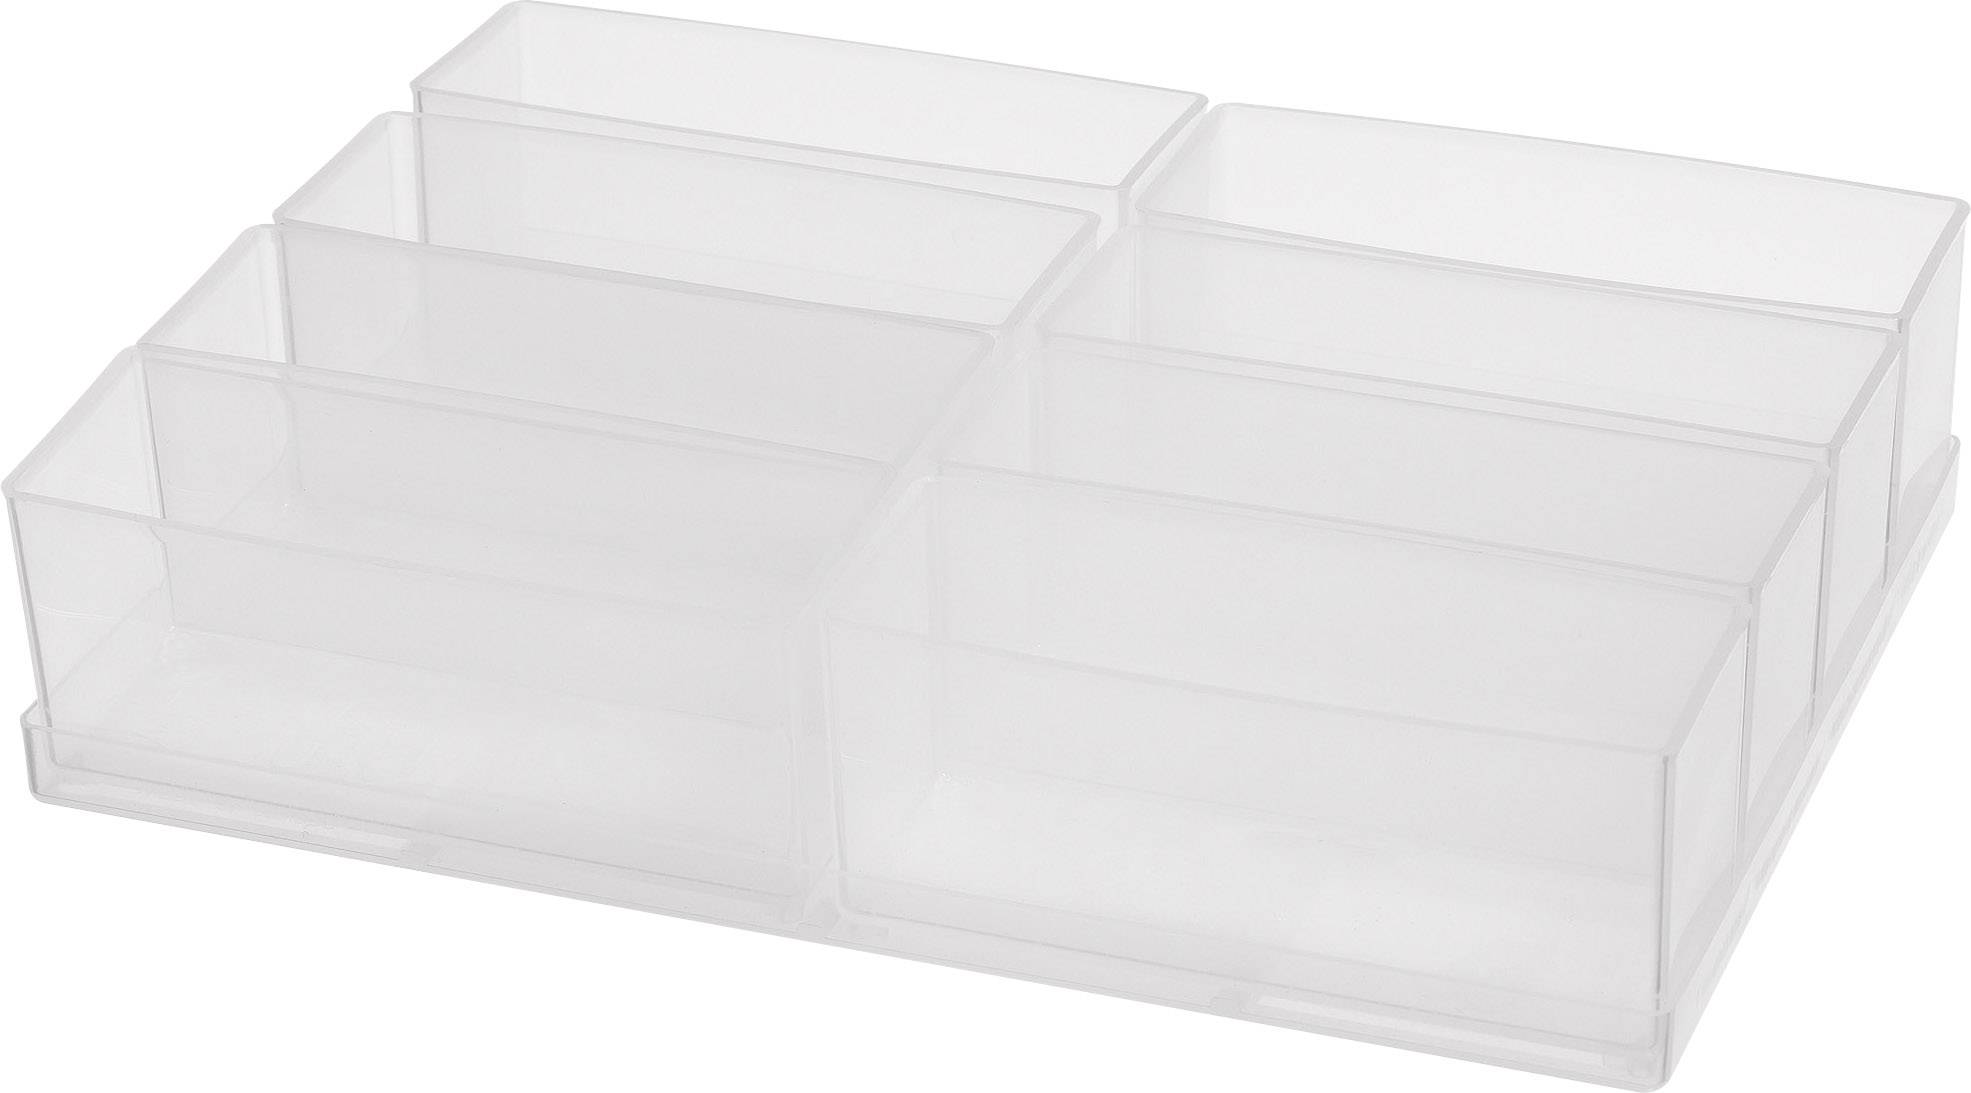 raaco  sortirni kovček-vložek (D x Š x V) 220 x 160 x 47 mm Število predalov: 8   1 kos